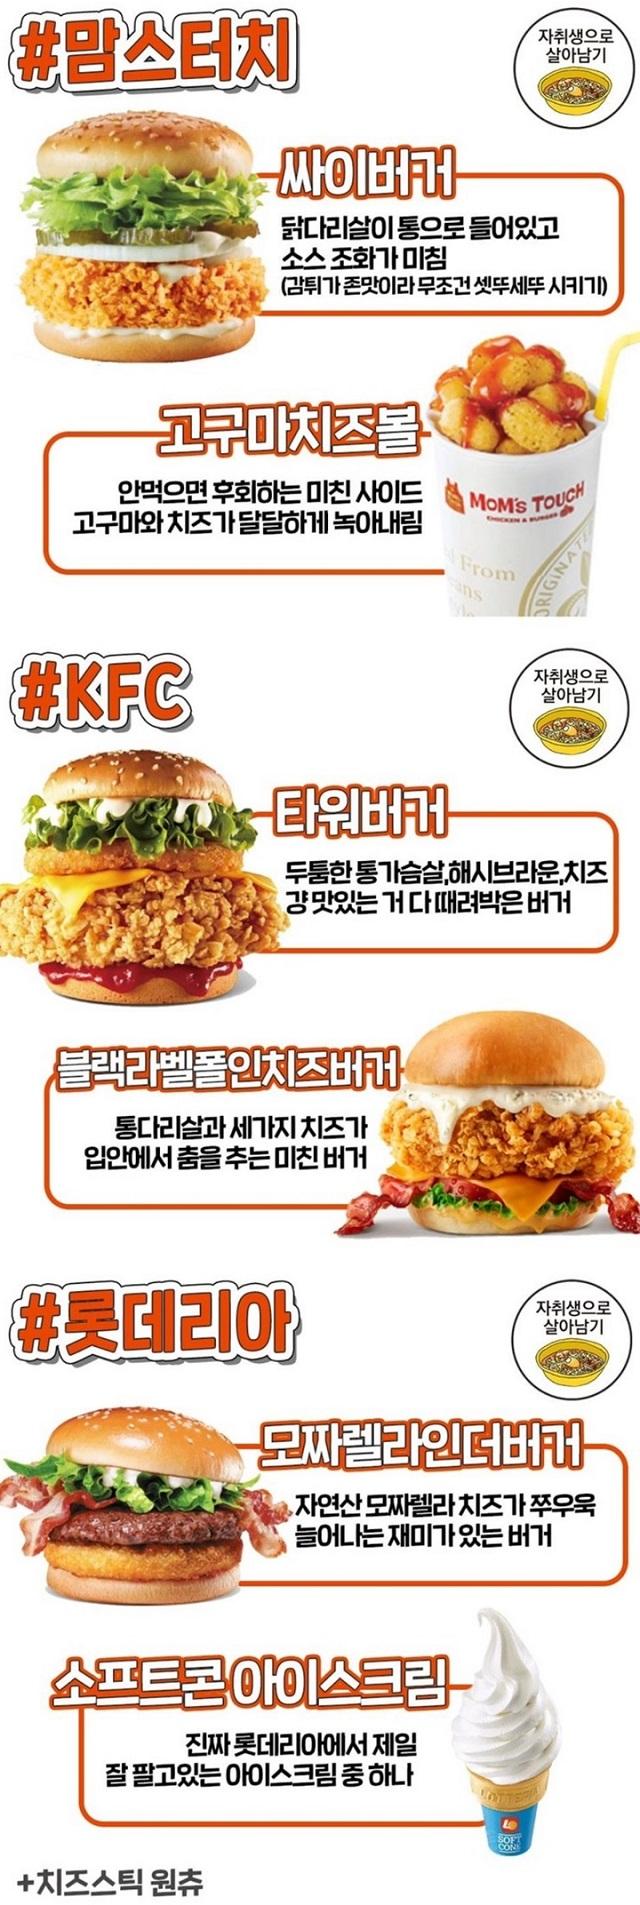 햄버거 브랜드별 잘나가는 메뉴들 3